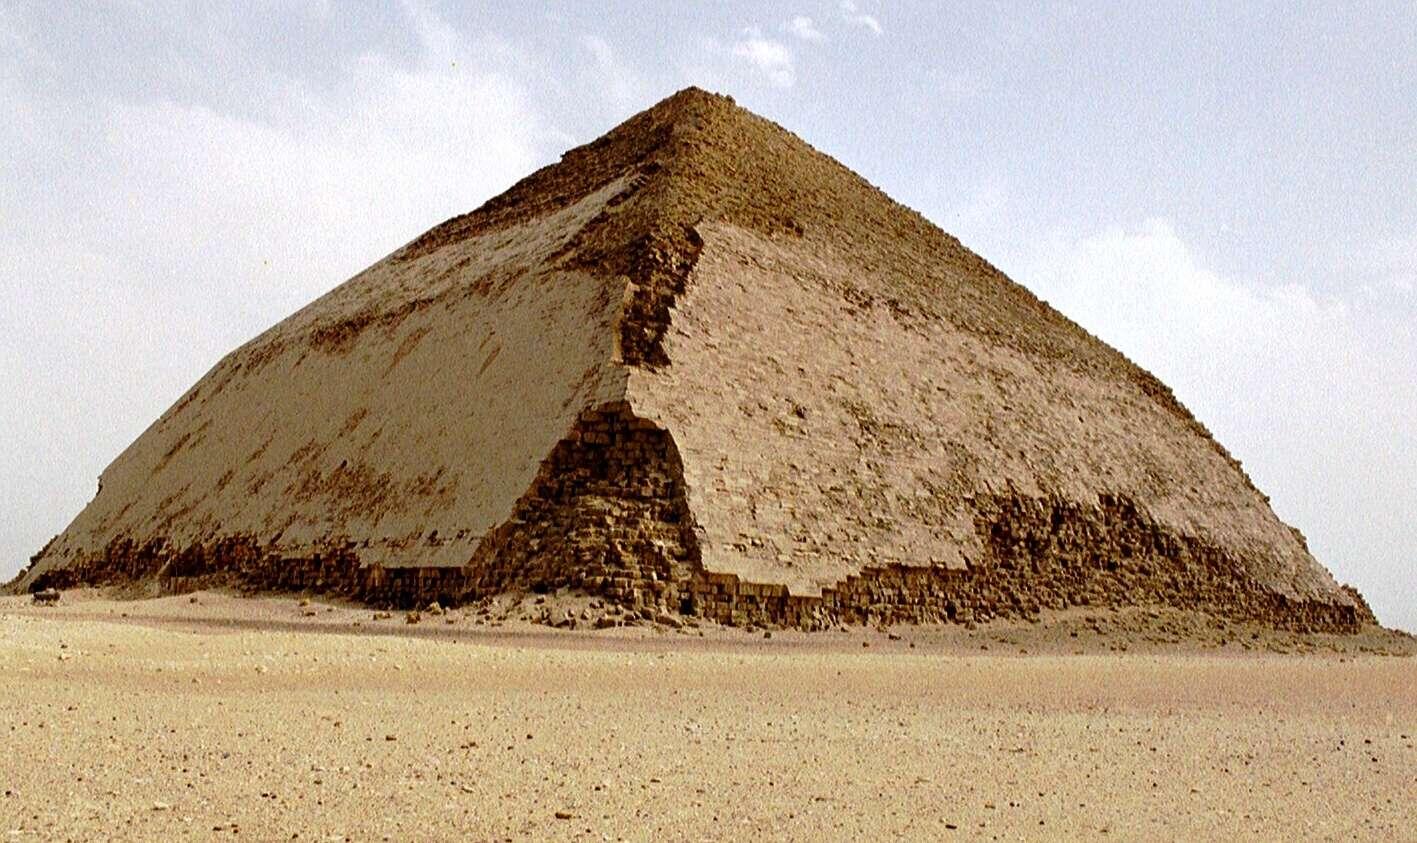 La célèbre pyramide rhomboïdale, au sud-ouest de Memphis et à environ 10 km au sud de Saqqarah, doit ce surnom à sa forme, avec une moitié supérieure moins pentue que la base. La première pyramide élevée par le pharaon Snéfrou sur le site de Dahchour doit sans doute cette caractéristique à un problème durant sa construction. À mi-chemin, ses bâtisseurs ont dû craindre que la pyramide ne s'effondre sous son propre poids. © Wikipédia, CC BY-SA 2.5